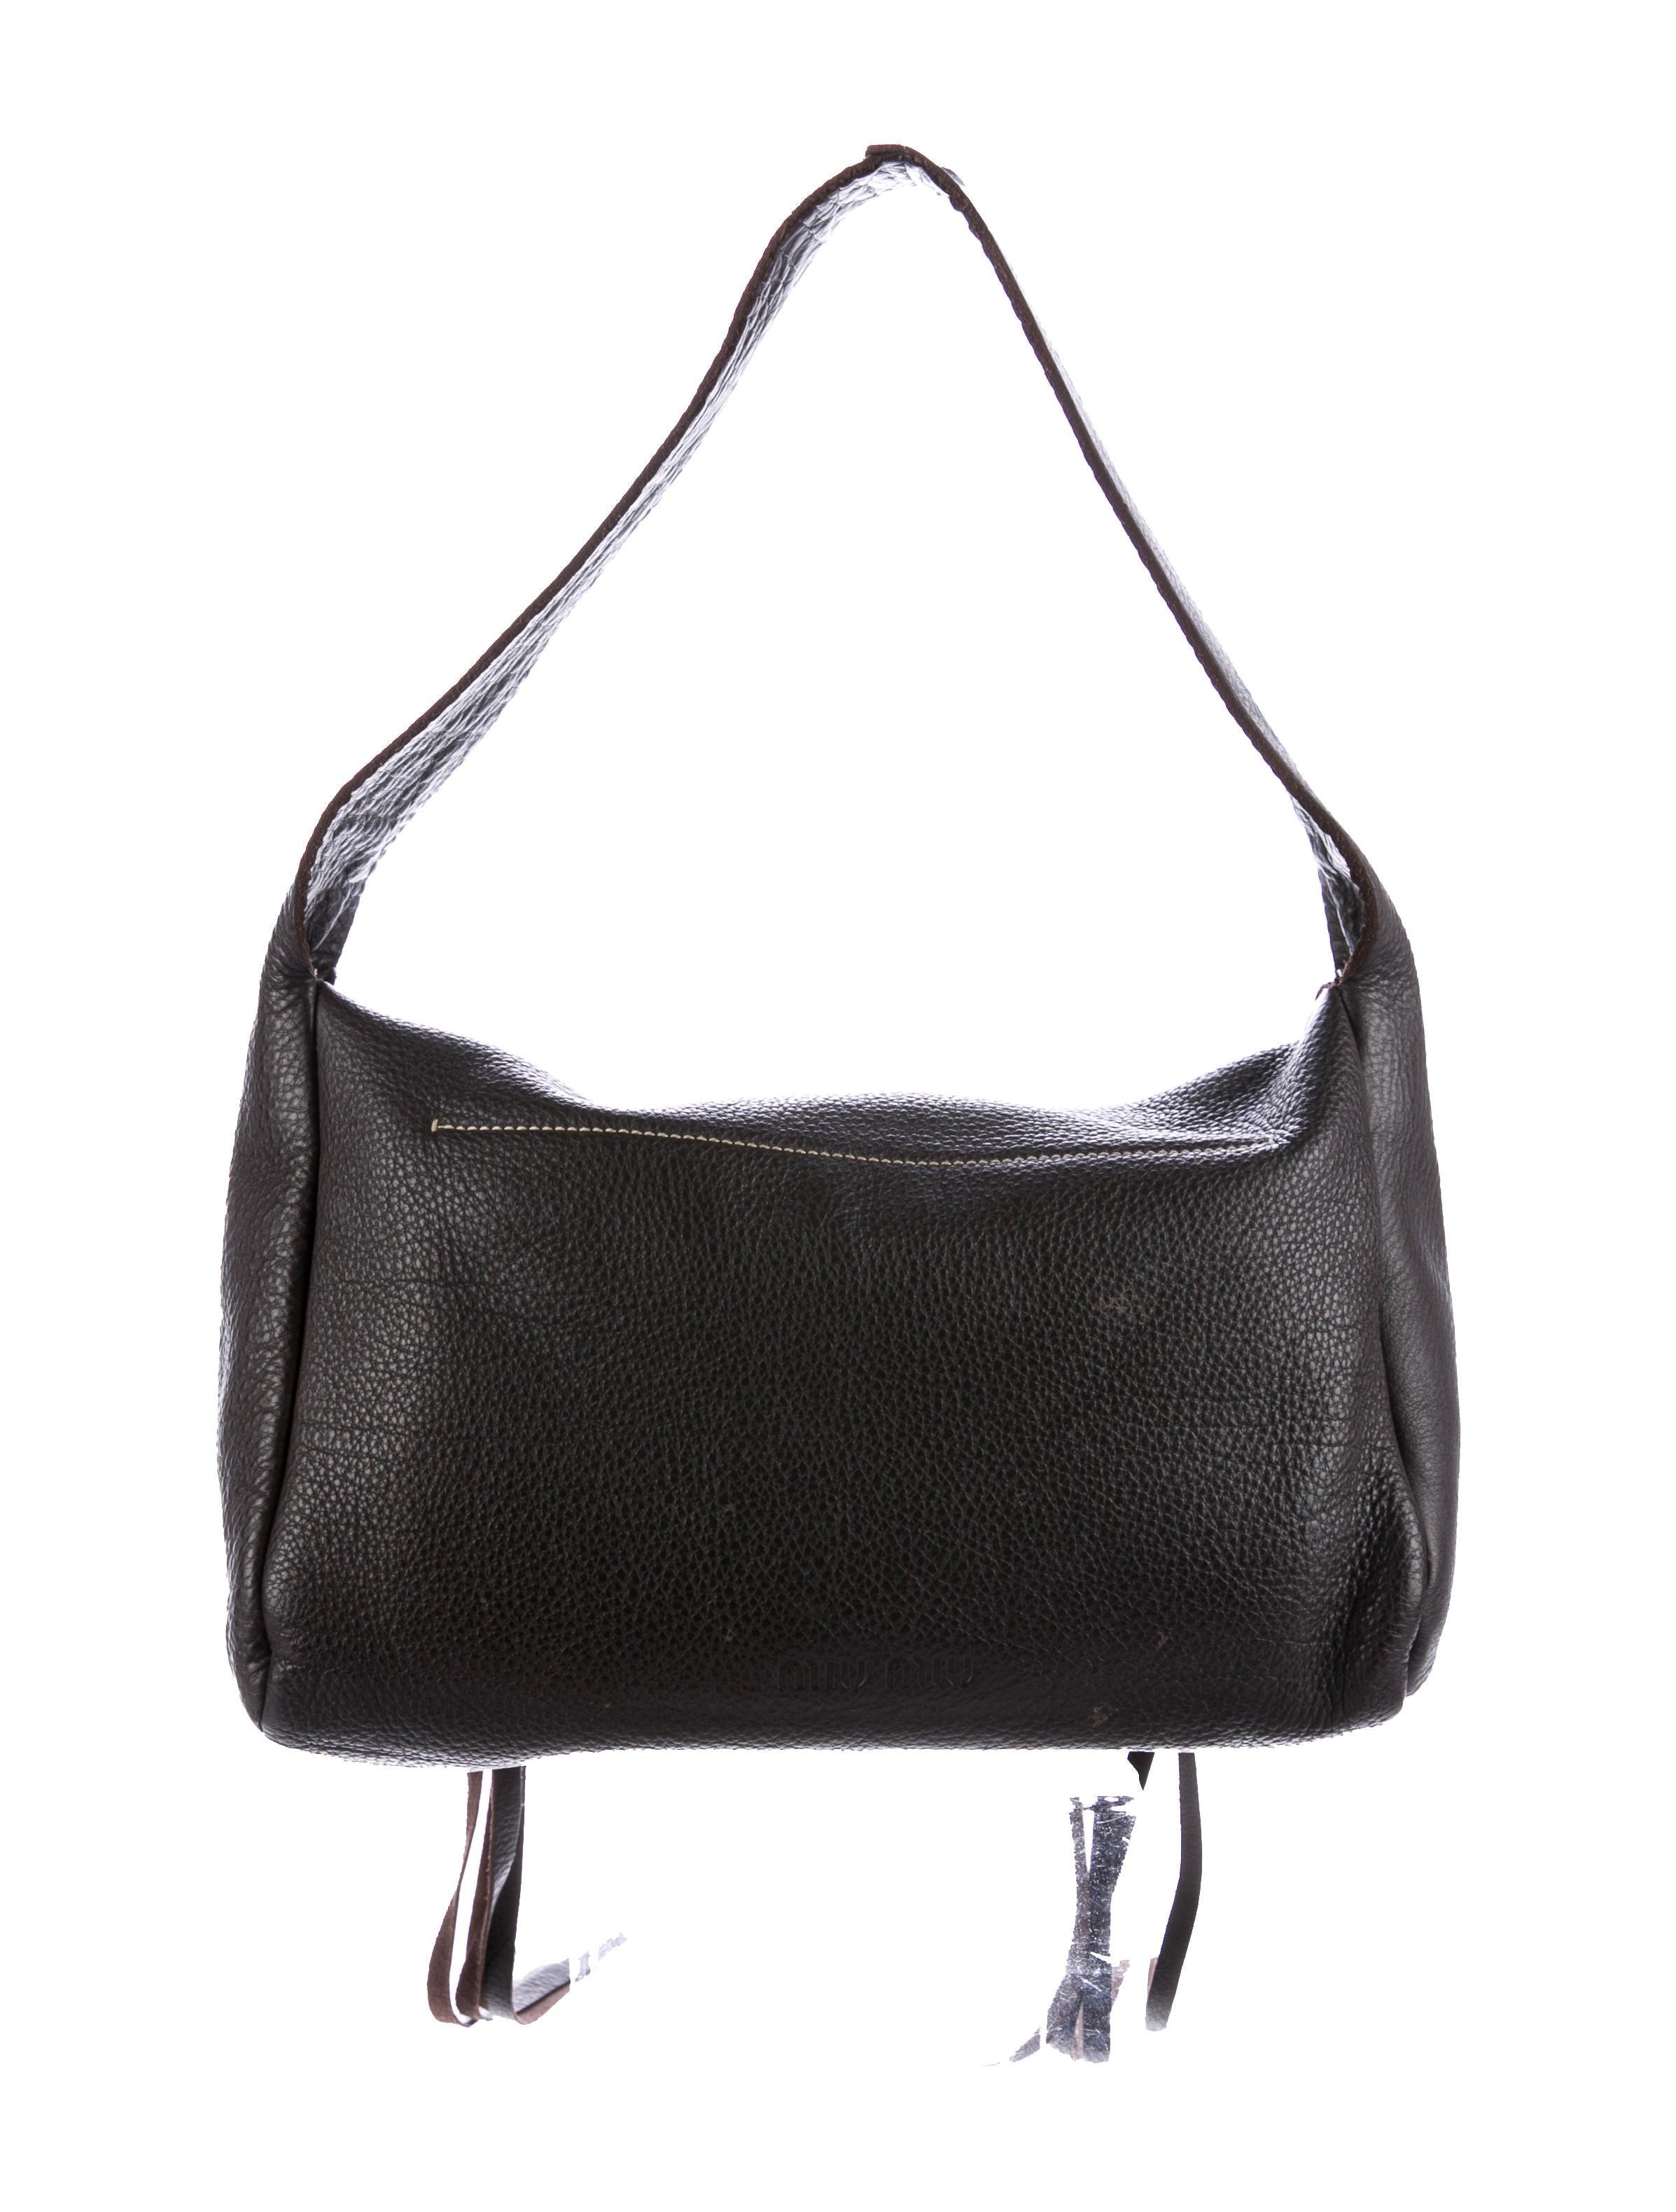 e67be7c87d3ed Miu Miu Classic Handbags